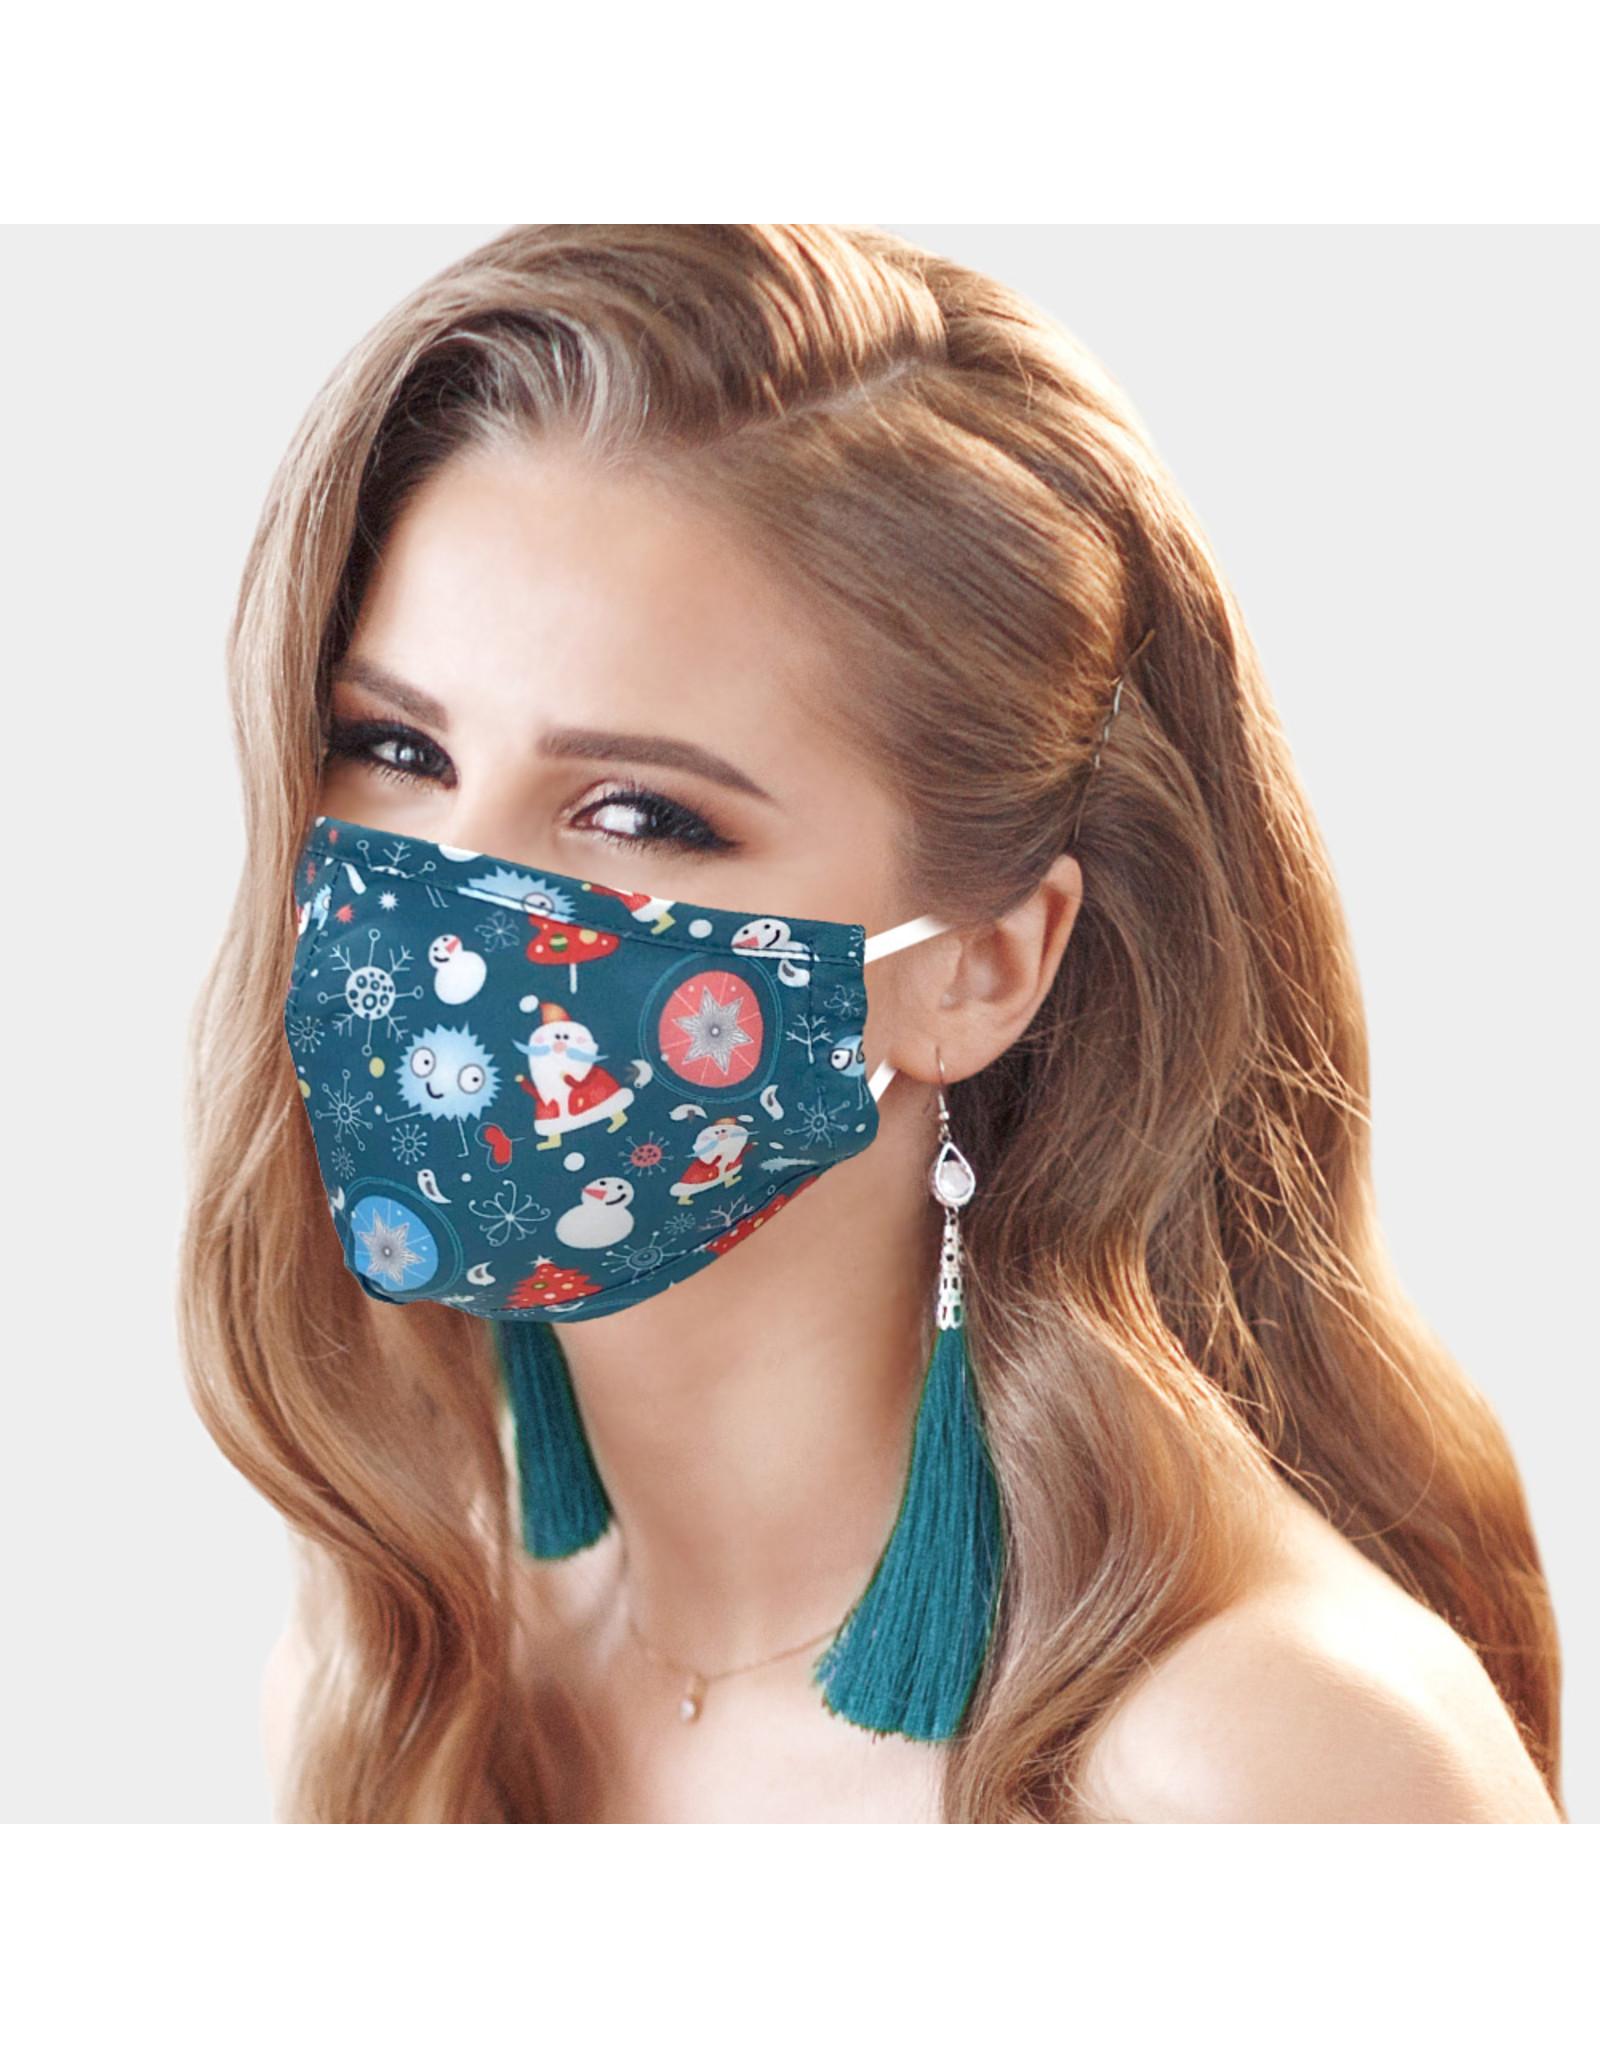 M3173 Christmas Masks